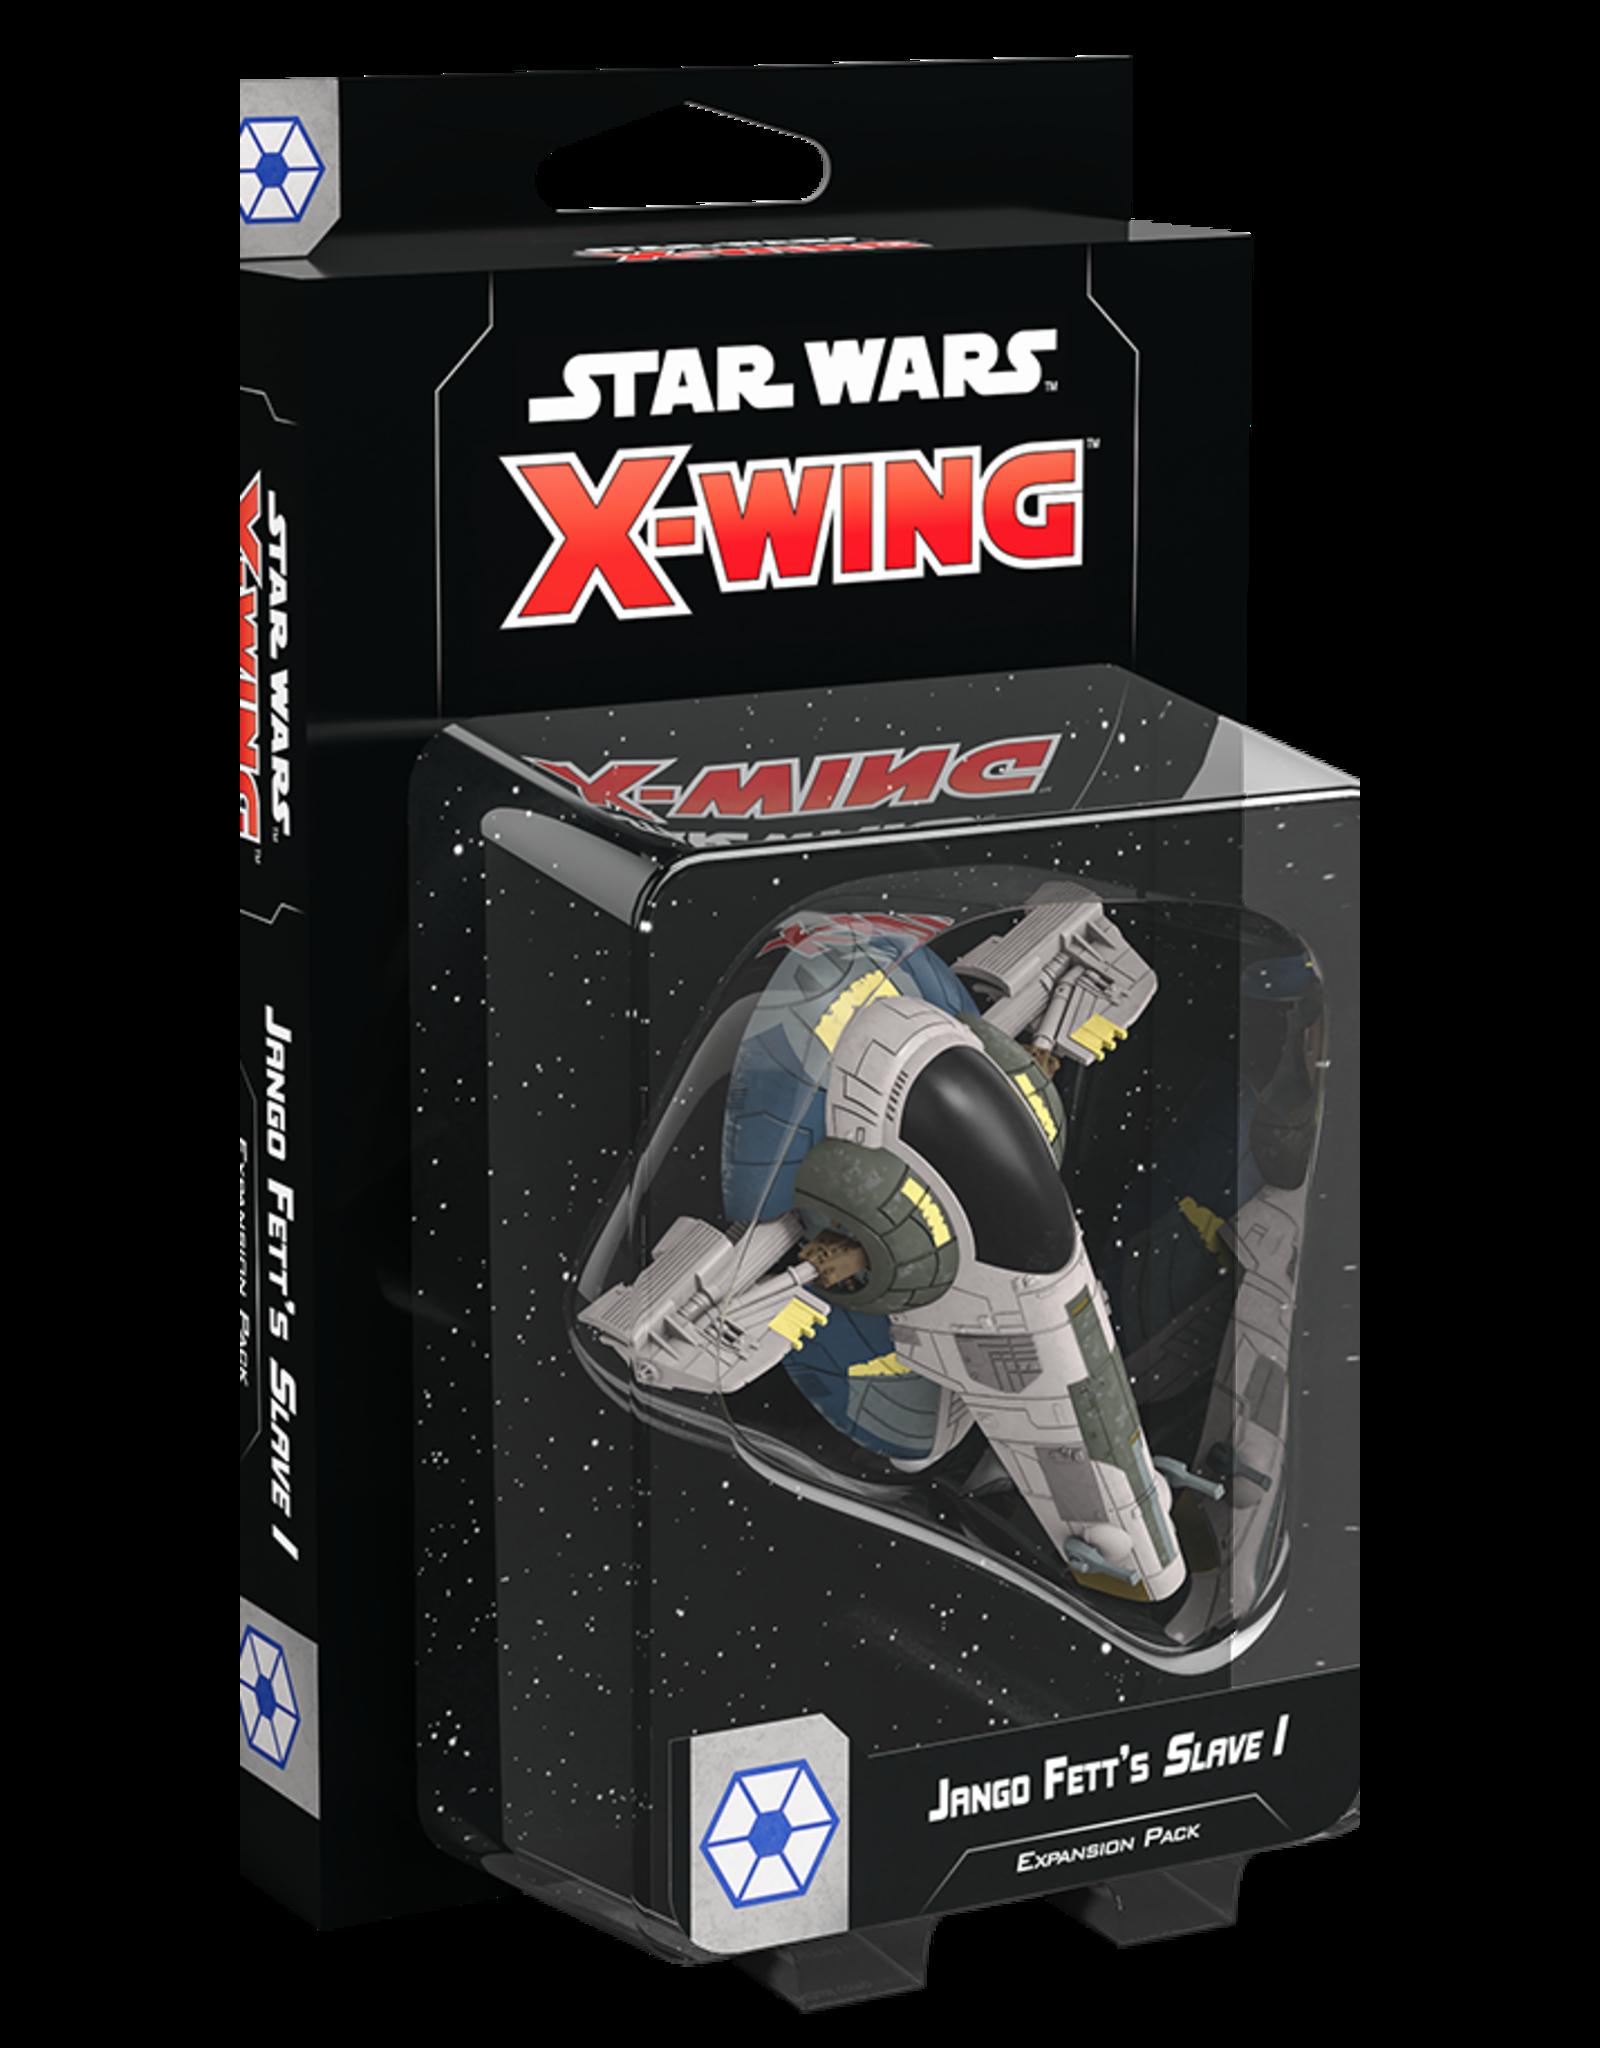 FANTASY FLIGHT GAMES STAR WARS X-WING 2ND ED: JANGO FETT'S SLAVE 1 PRE-ORDER